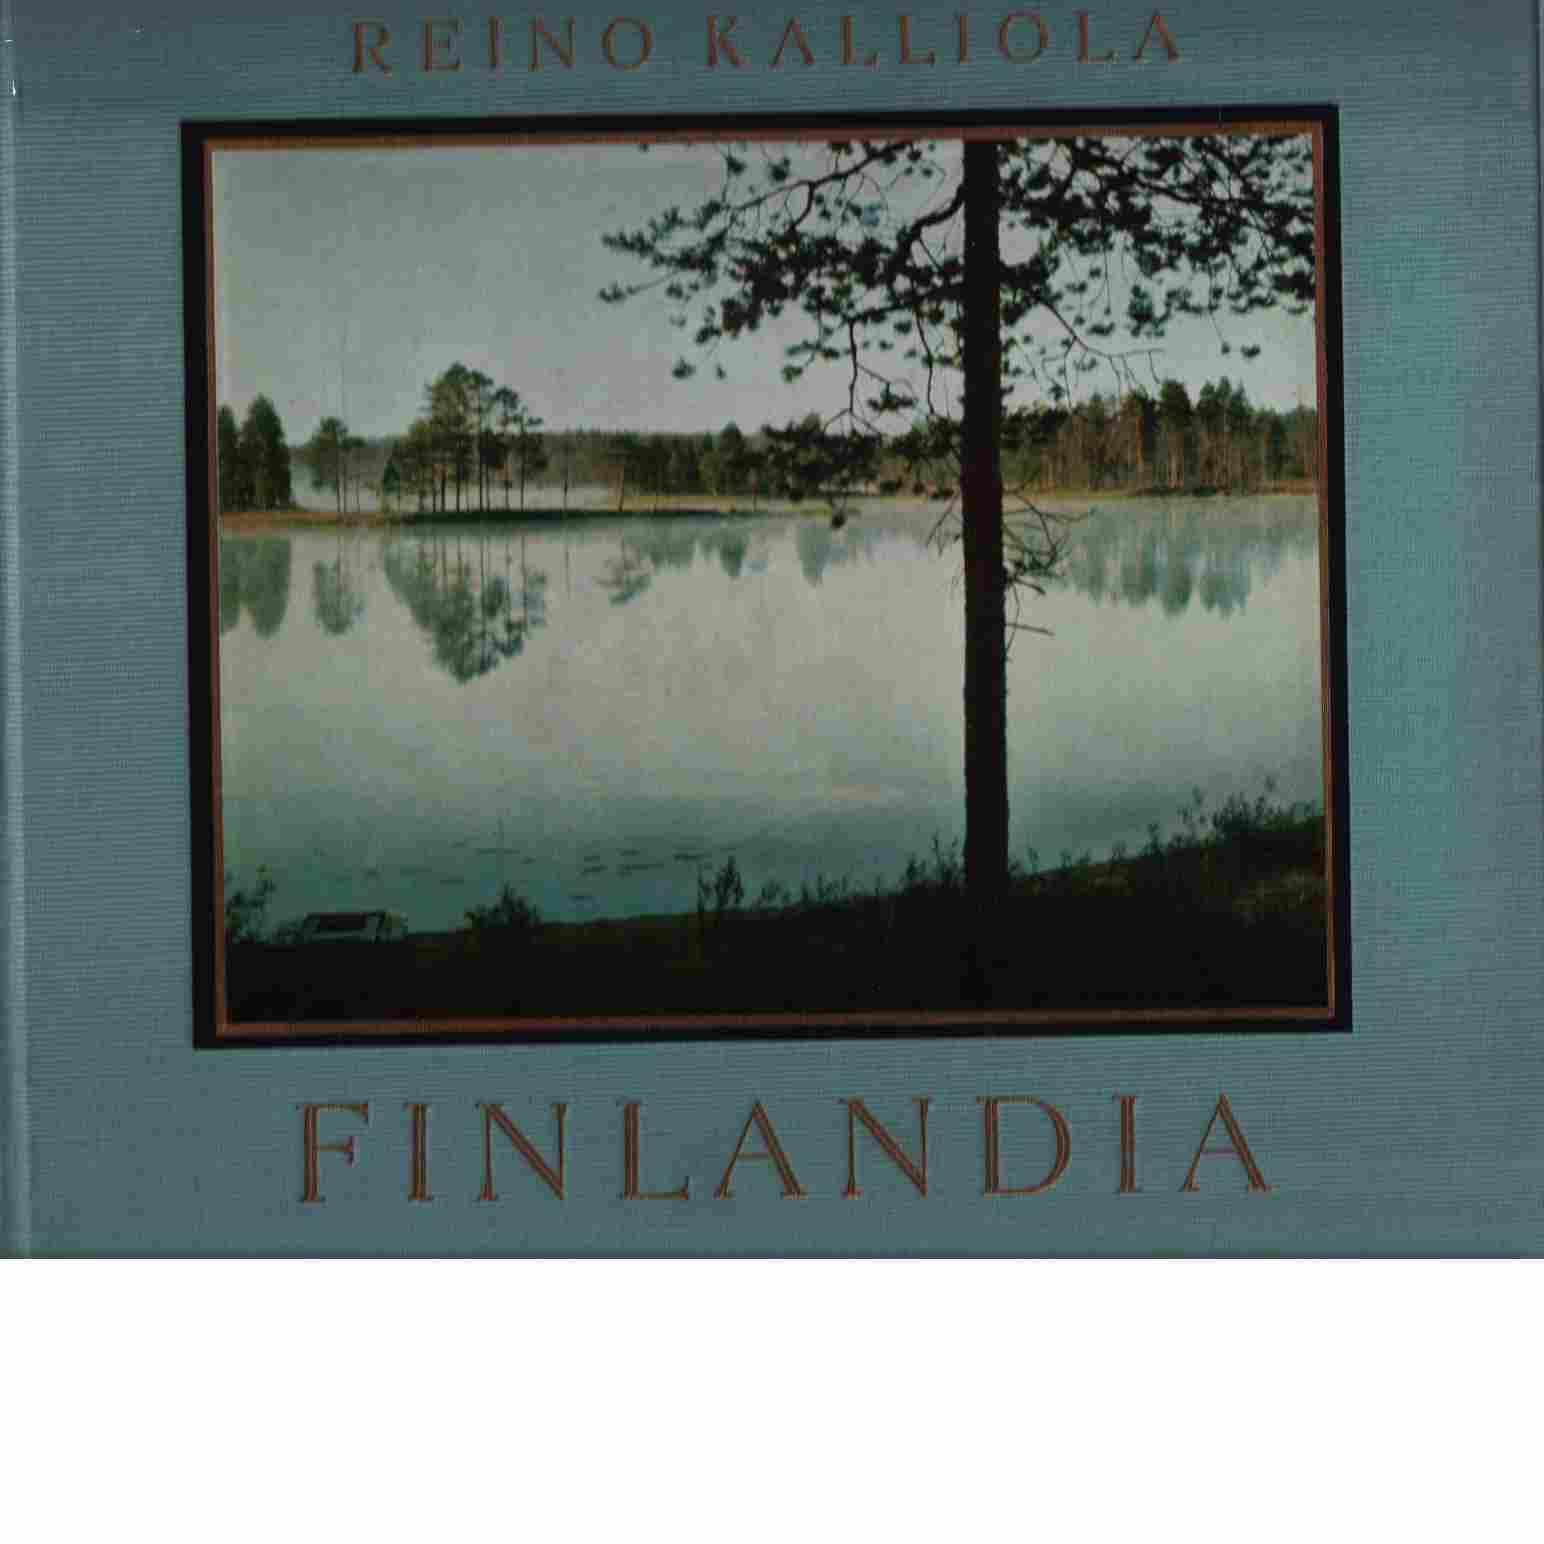 Finlandia : Suomen luonnon kuvakirja : ett bildverk om Finlands natur - Kalliola, Reino